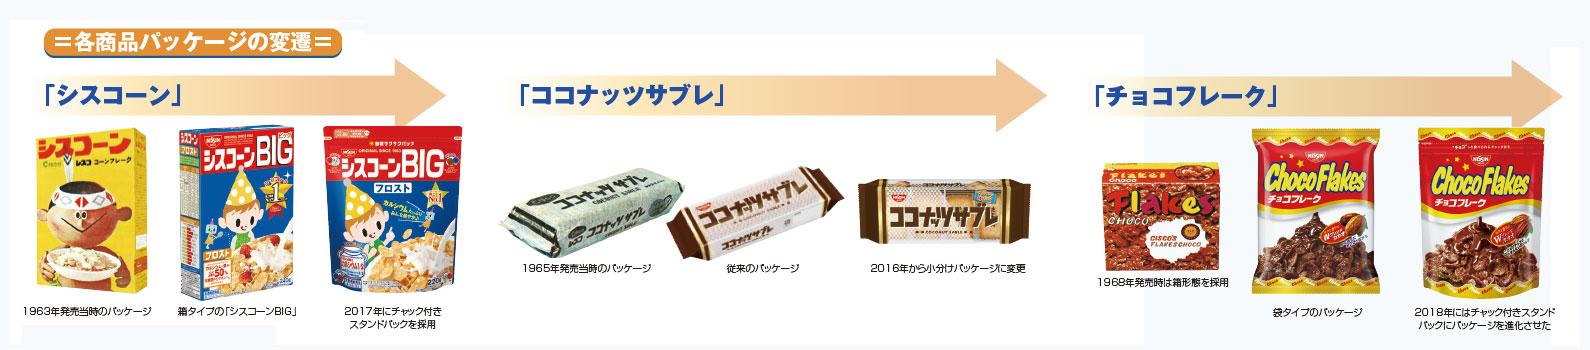 「シスコーン」「ココナッツサブレ」「チョコフレーク」各商品パッケージの変遷